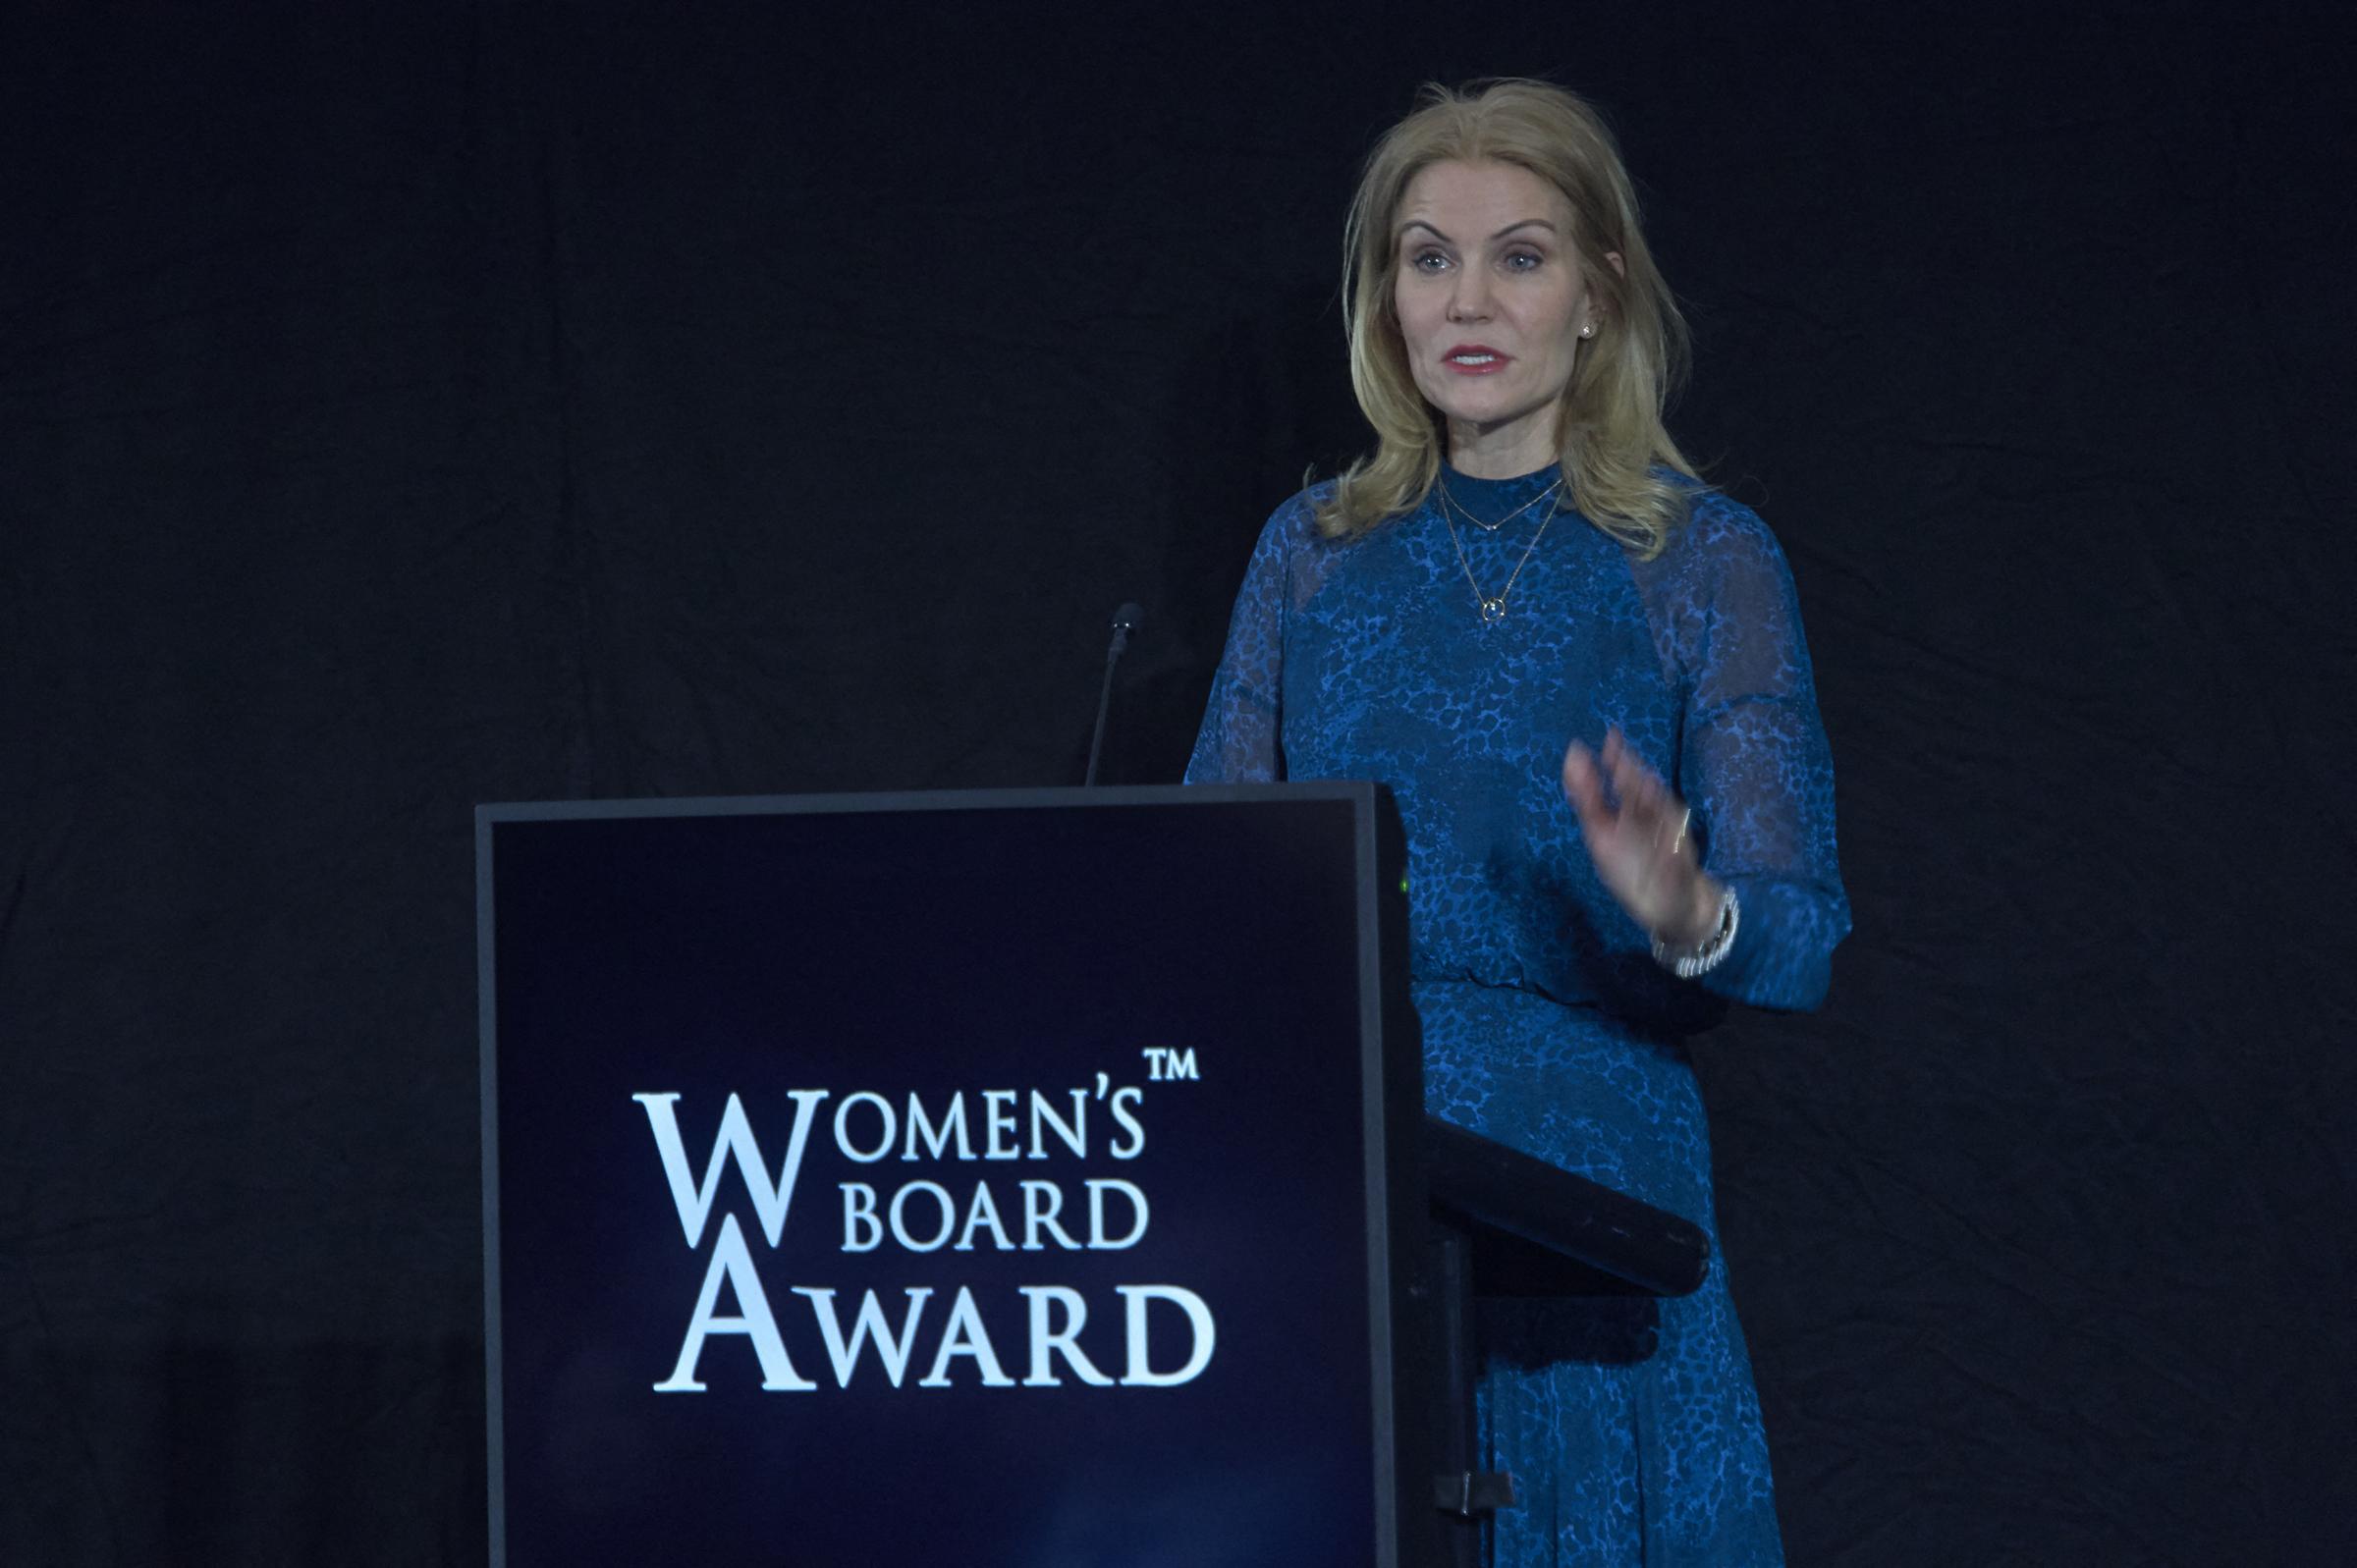 Former Danish Prime Minister Helle Thorning-Schmidt delivers her speech at Women's Board Award in Copenhagen, on Jan. 31, 2020.